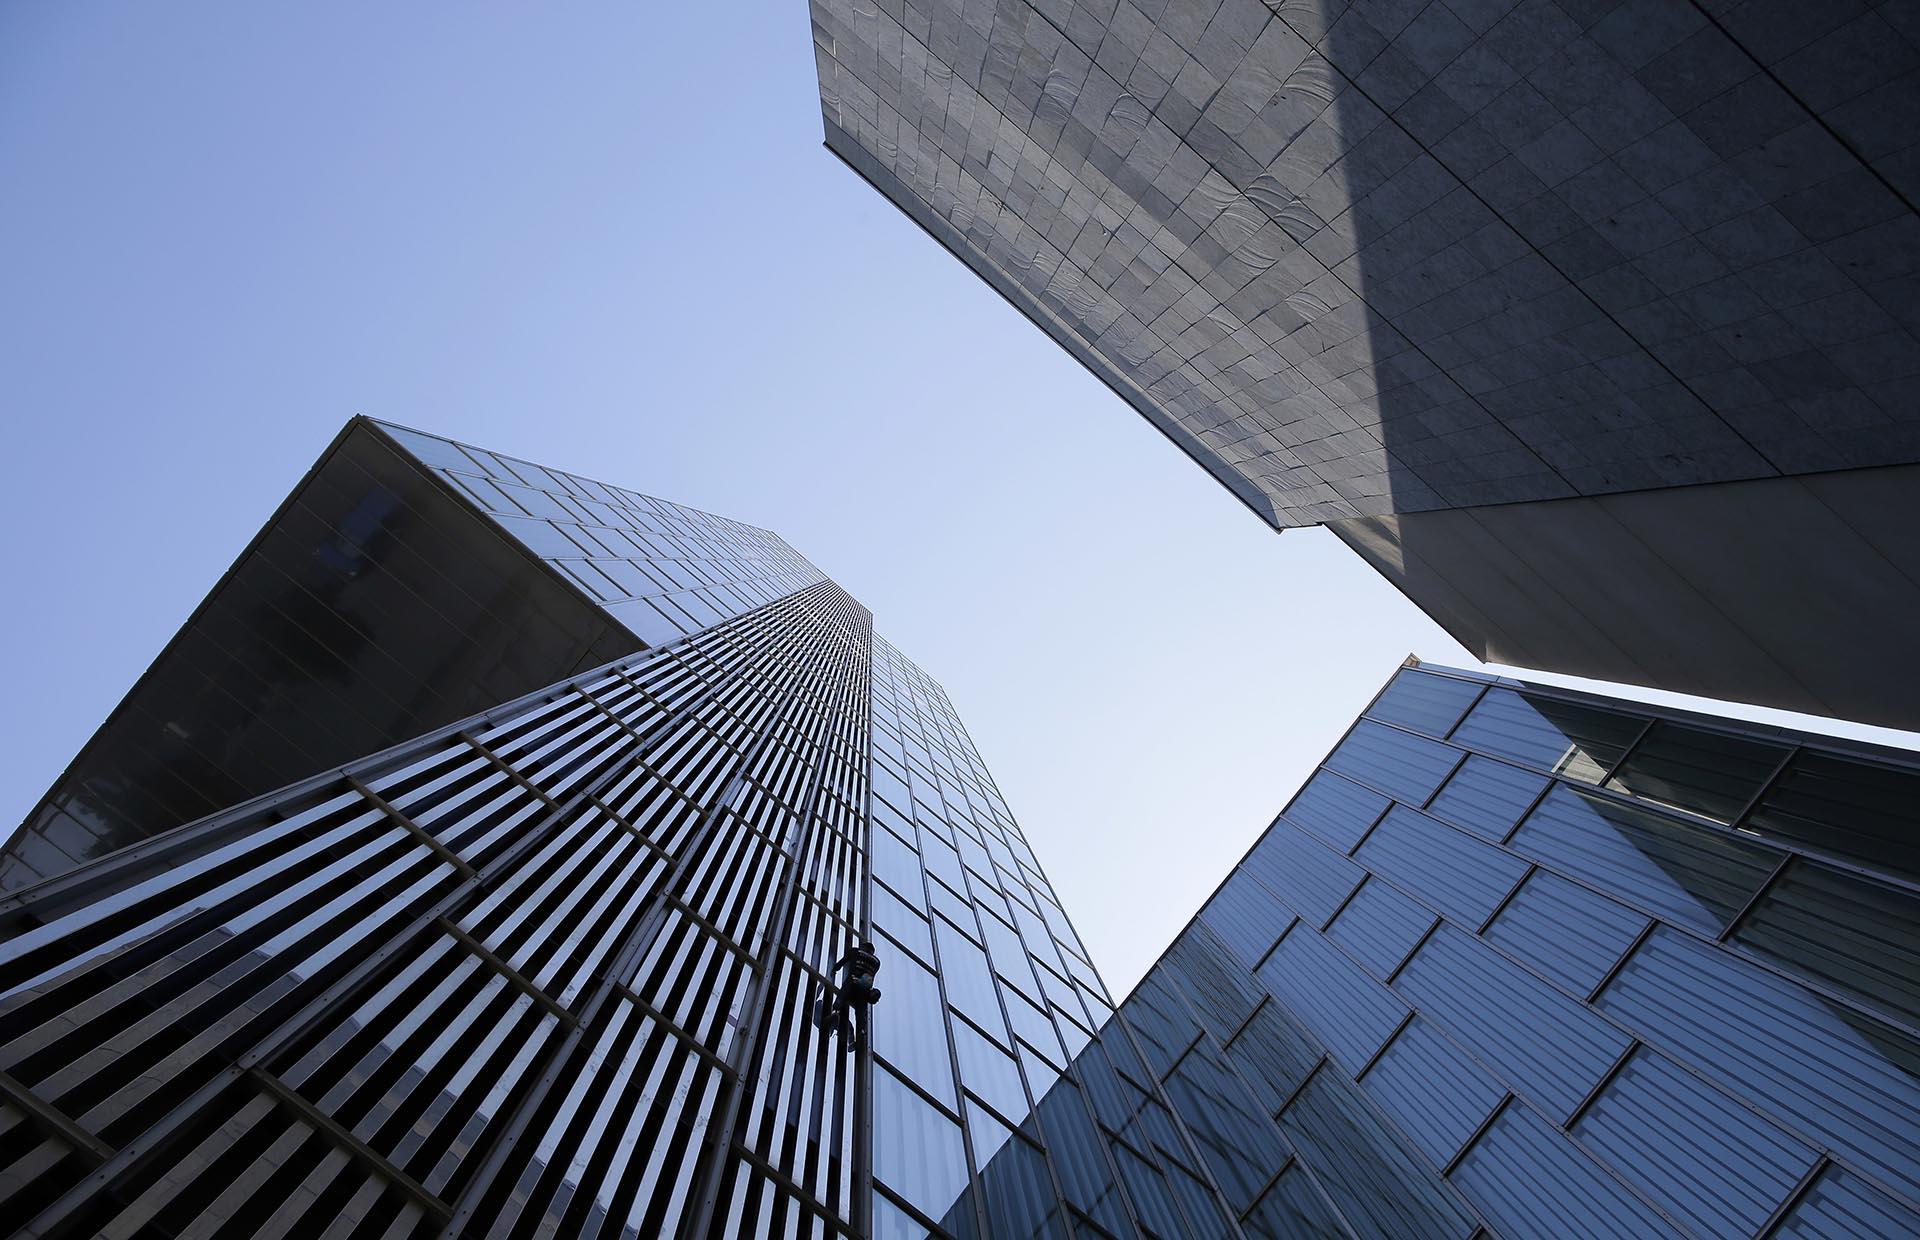 """Alain Robert, el escalador urbano francés conocido como el """"Spiderman"""" de ese país, trepa el hotel Meliá de Barcelona, de 120 metros de altura (AP)"""